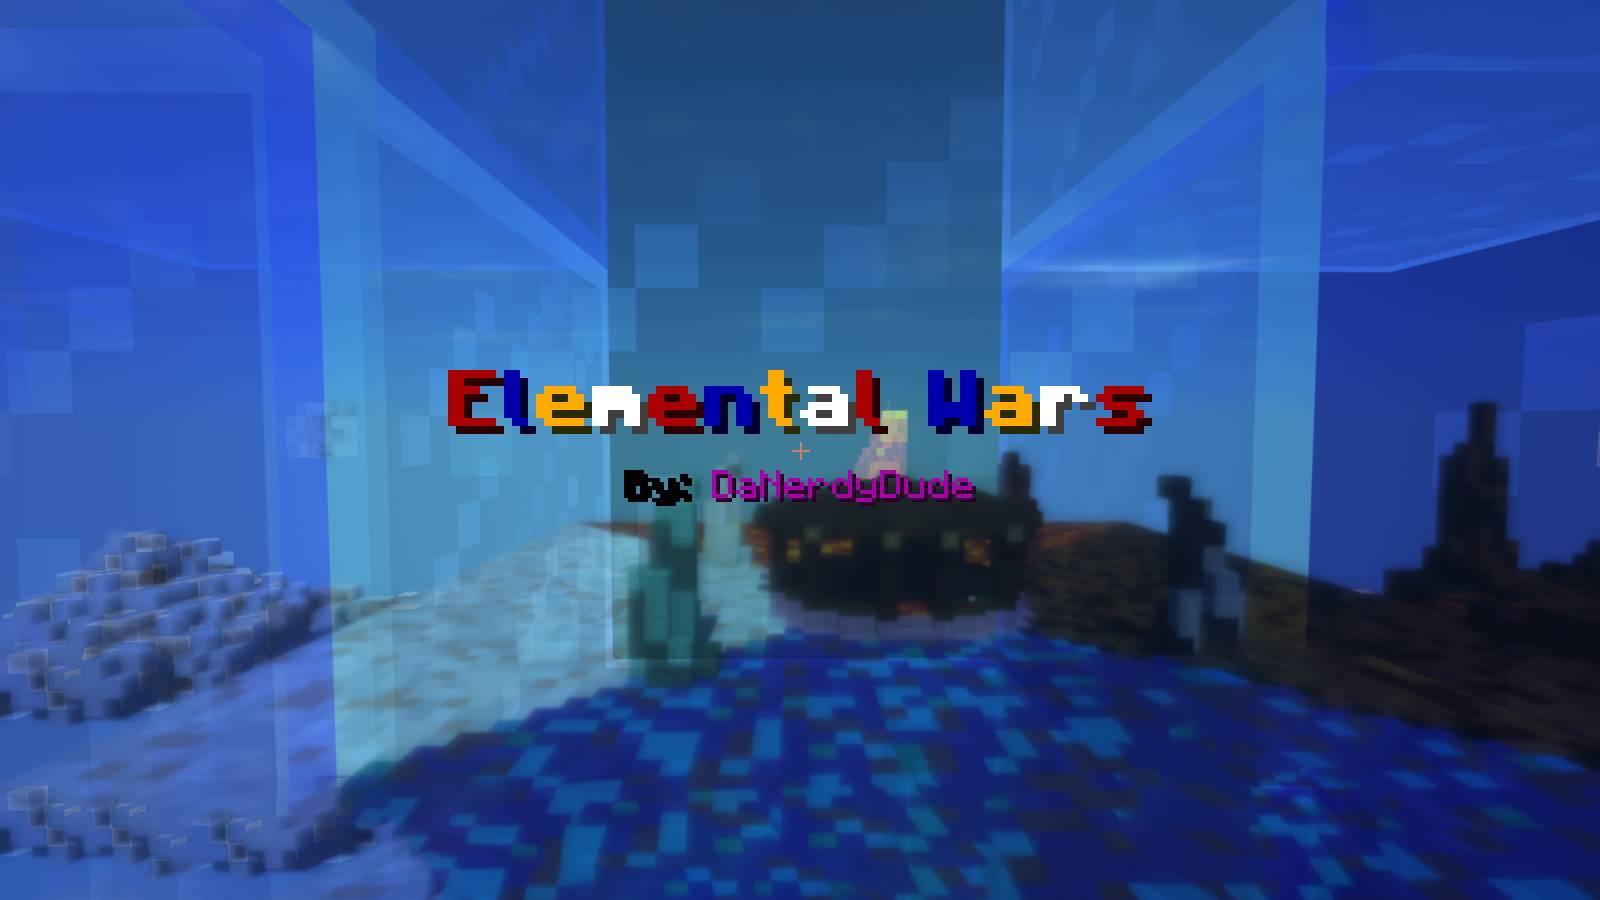 Elemental Wars Map 1 12 2/1 12 for Minecraft - 9Minecraft Net